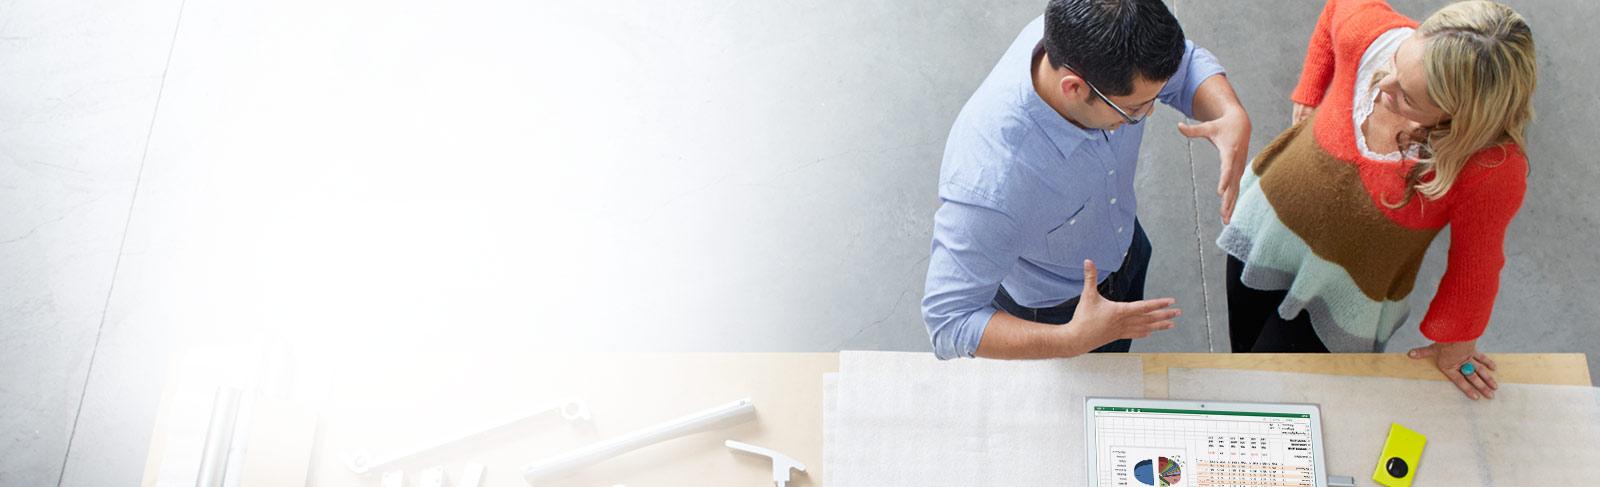 Moški in ženska ob tabli z osnutki, ki uporabljata Office 365 ProPlus v tabličnem računalniku.